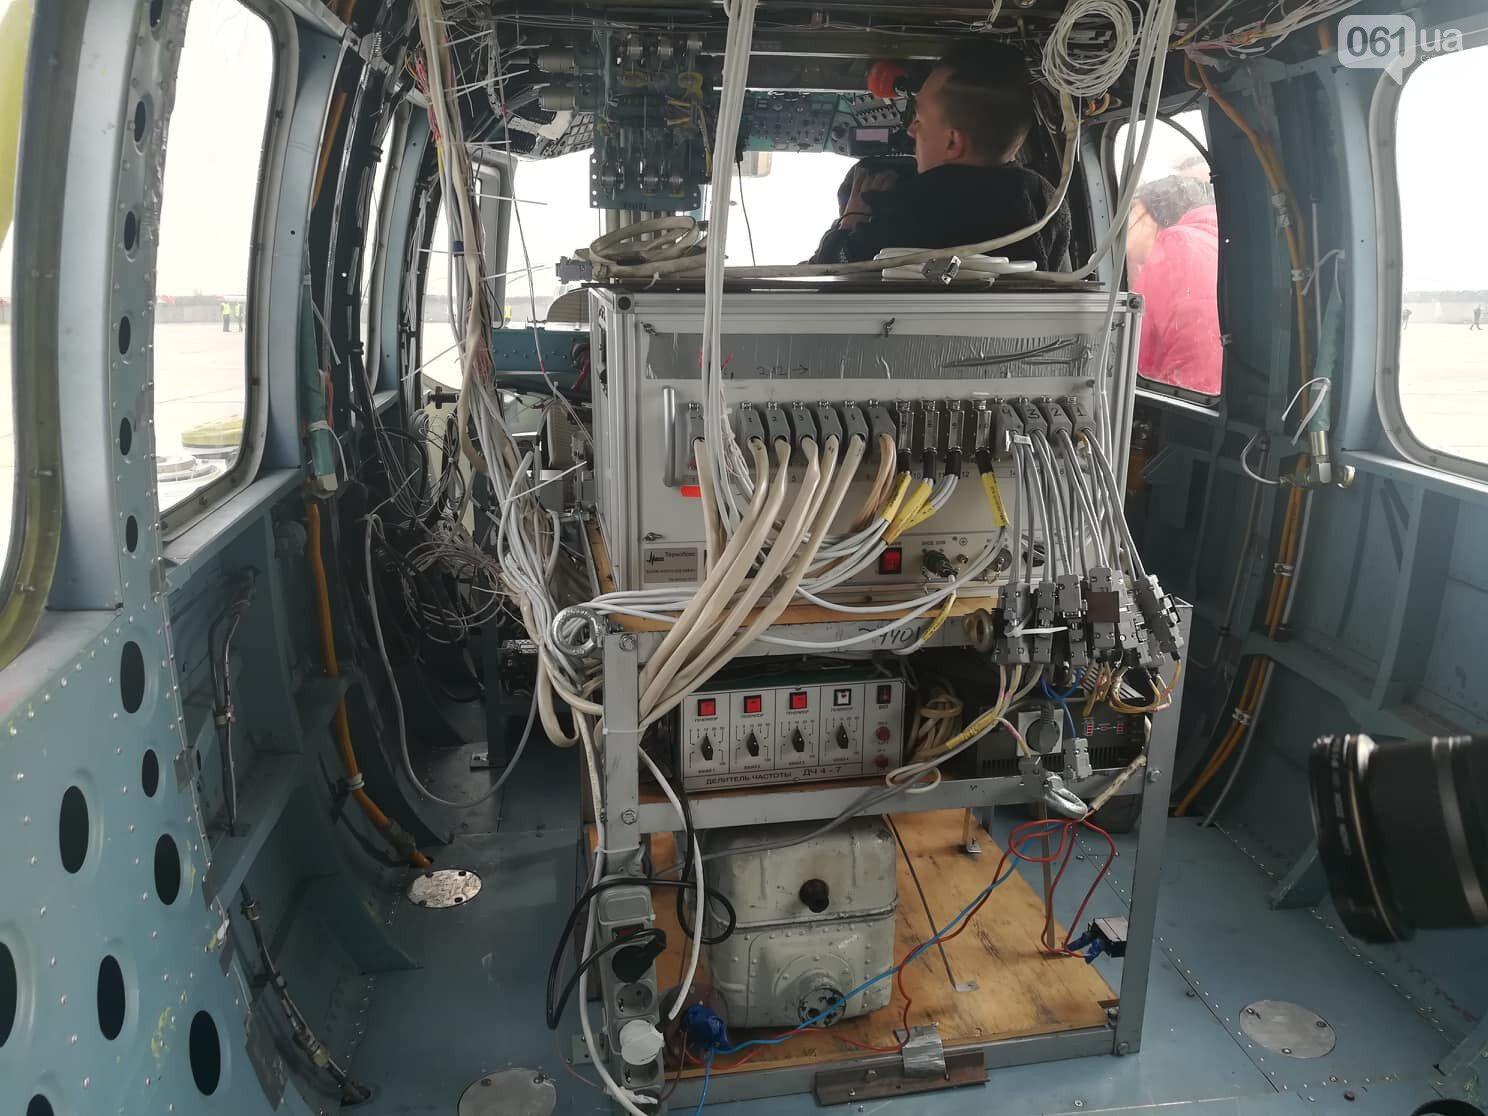 Первый украинский вертолет поднялся в воздух: что о нем известно